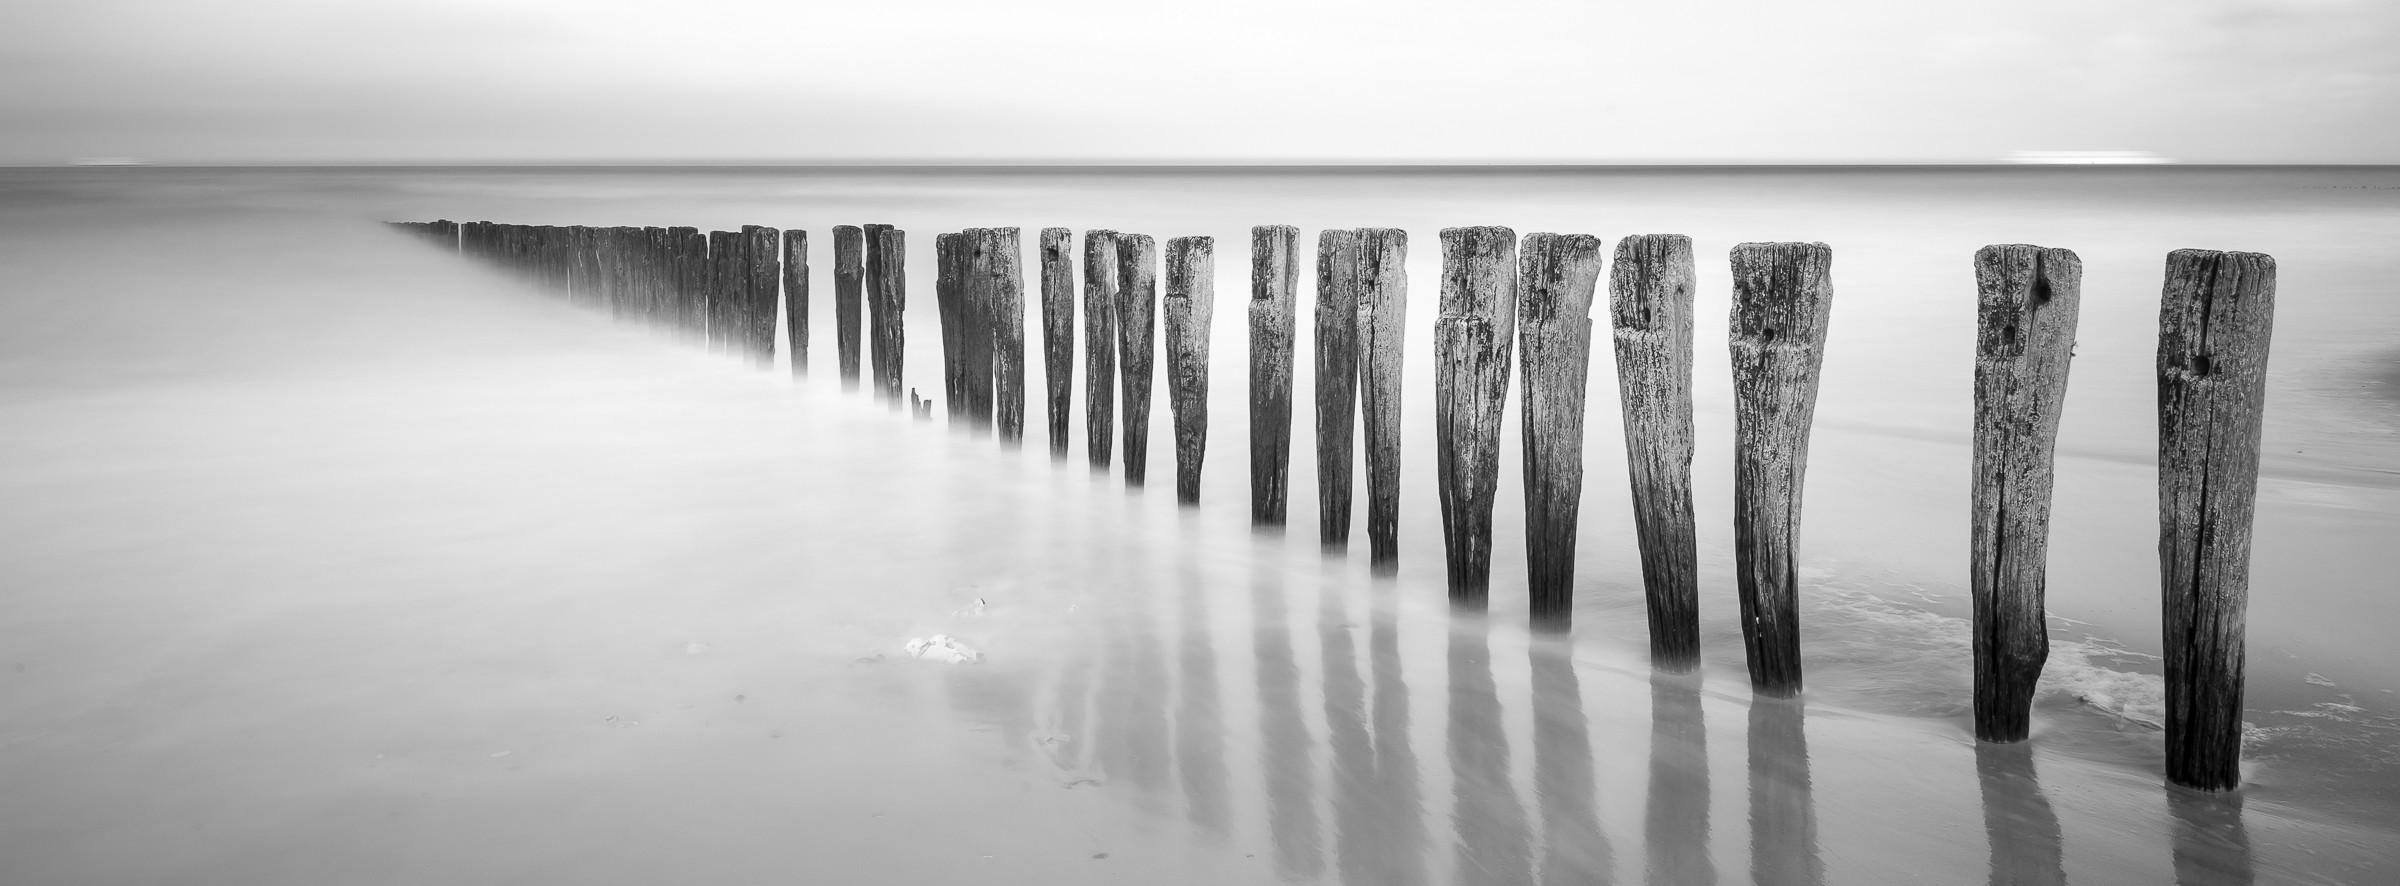 20131004-naamloos13-10-Opal coast-48217-2.jpg